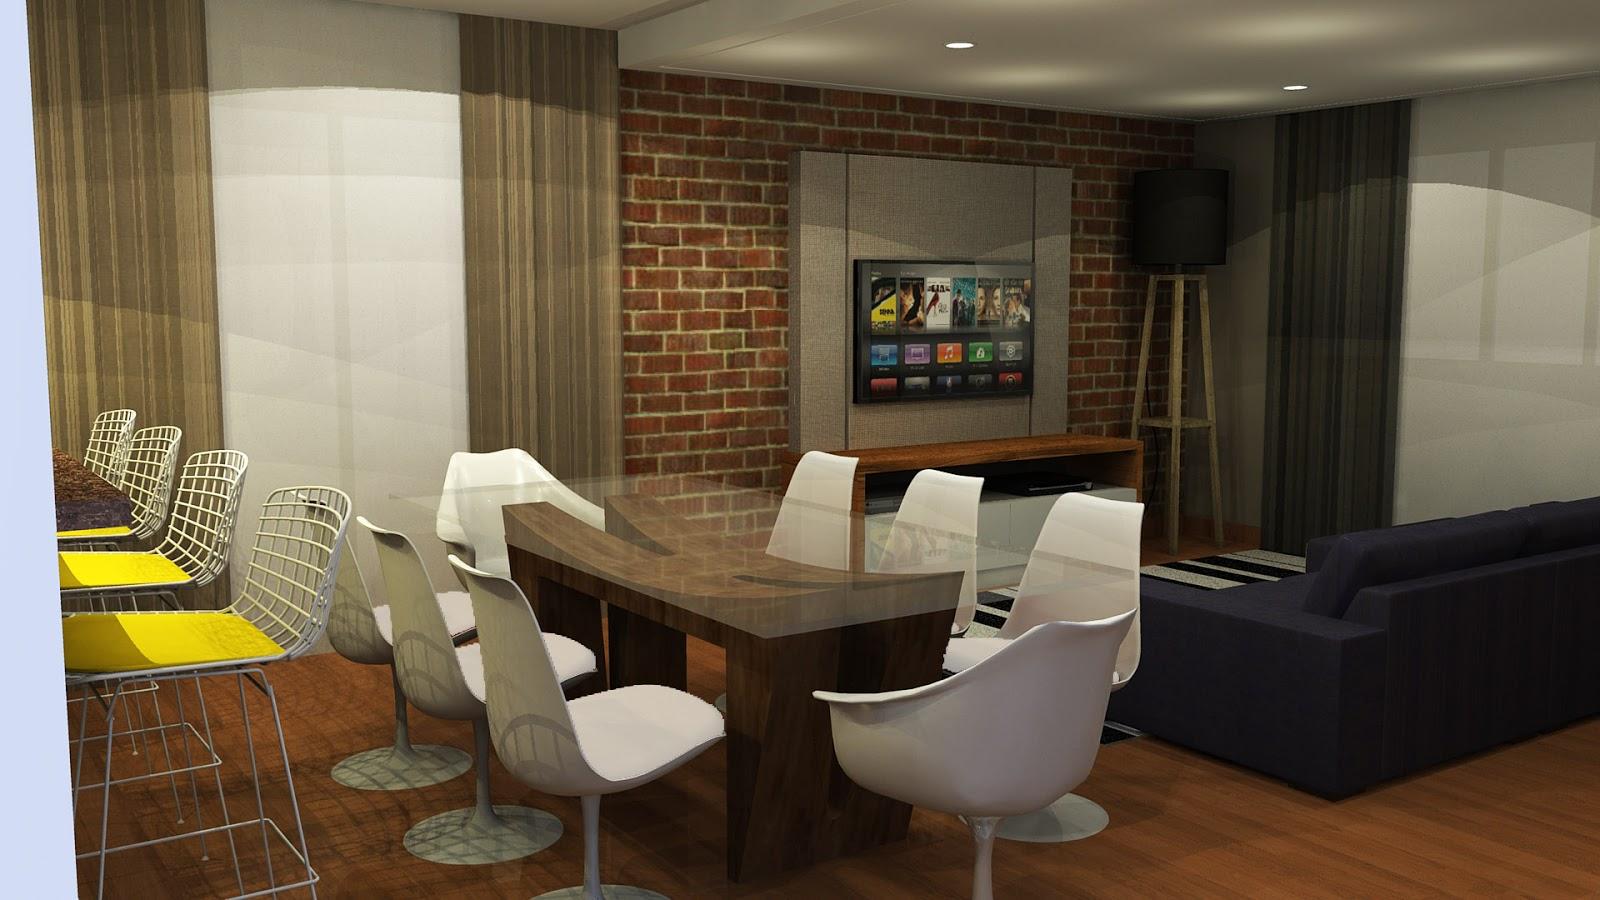 #BCAC0F  os ambientes integrados de sala de estar sala de jantar e cozinha 1600x900 píxeis em Ambientes Integrados Sala De Estar Jantar E Cozinha